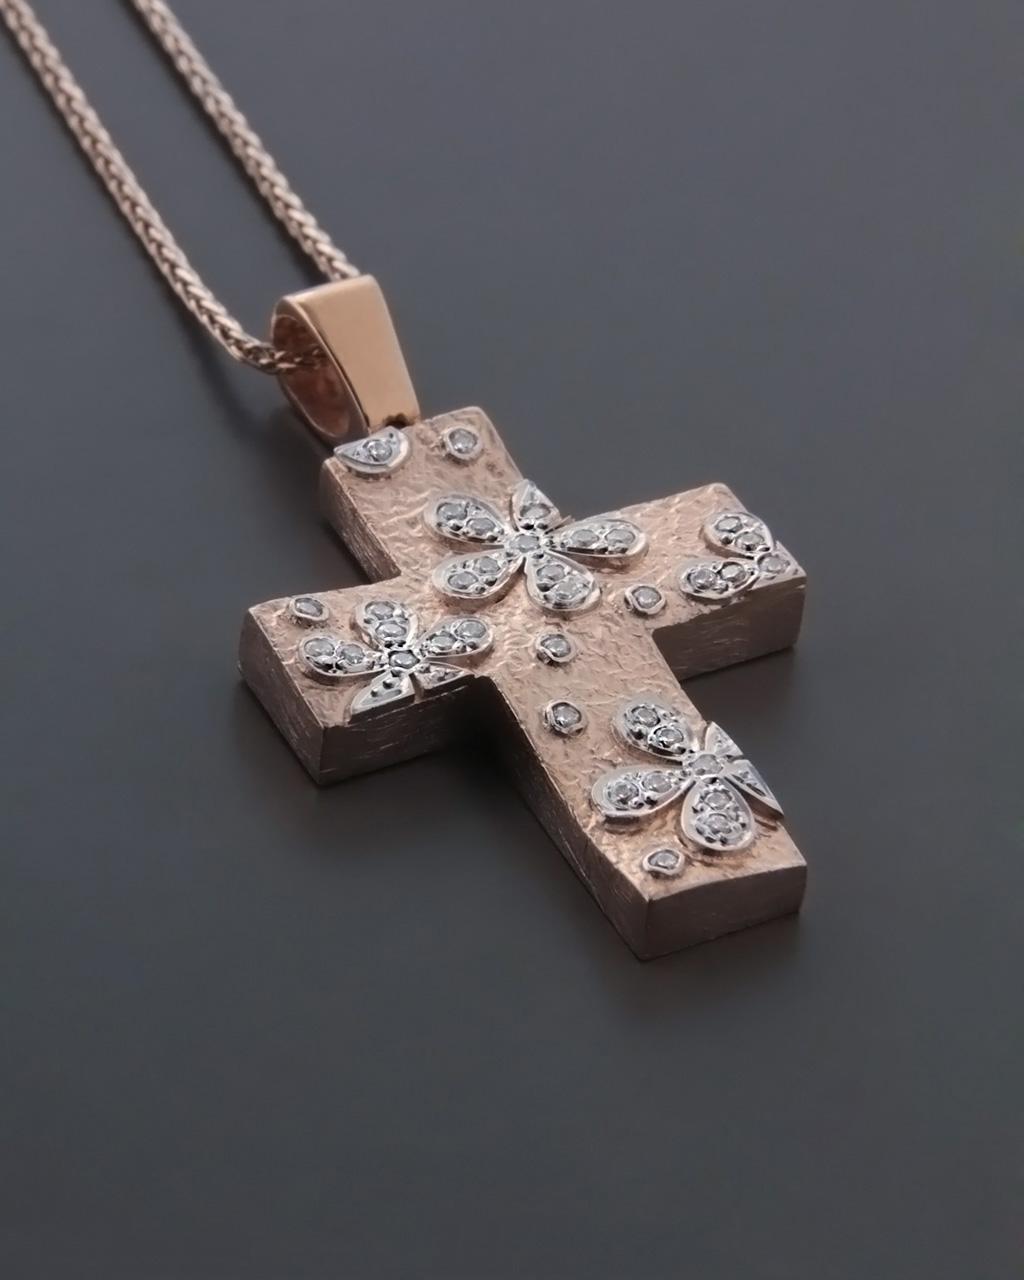 Σταυρός βάπτισης ροζ χρυσός & λευκόχρυσος Κ14 με Ζιργκόν   παιδι βαπτιστικοί σταυροί βαπτιστικοί σταυροί για κορίτσι